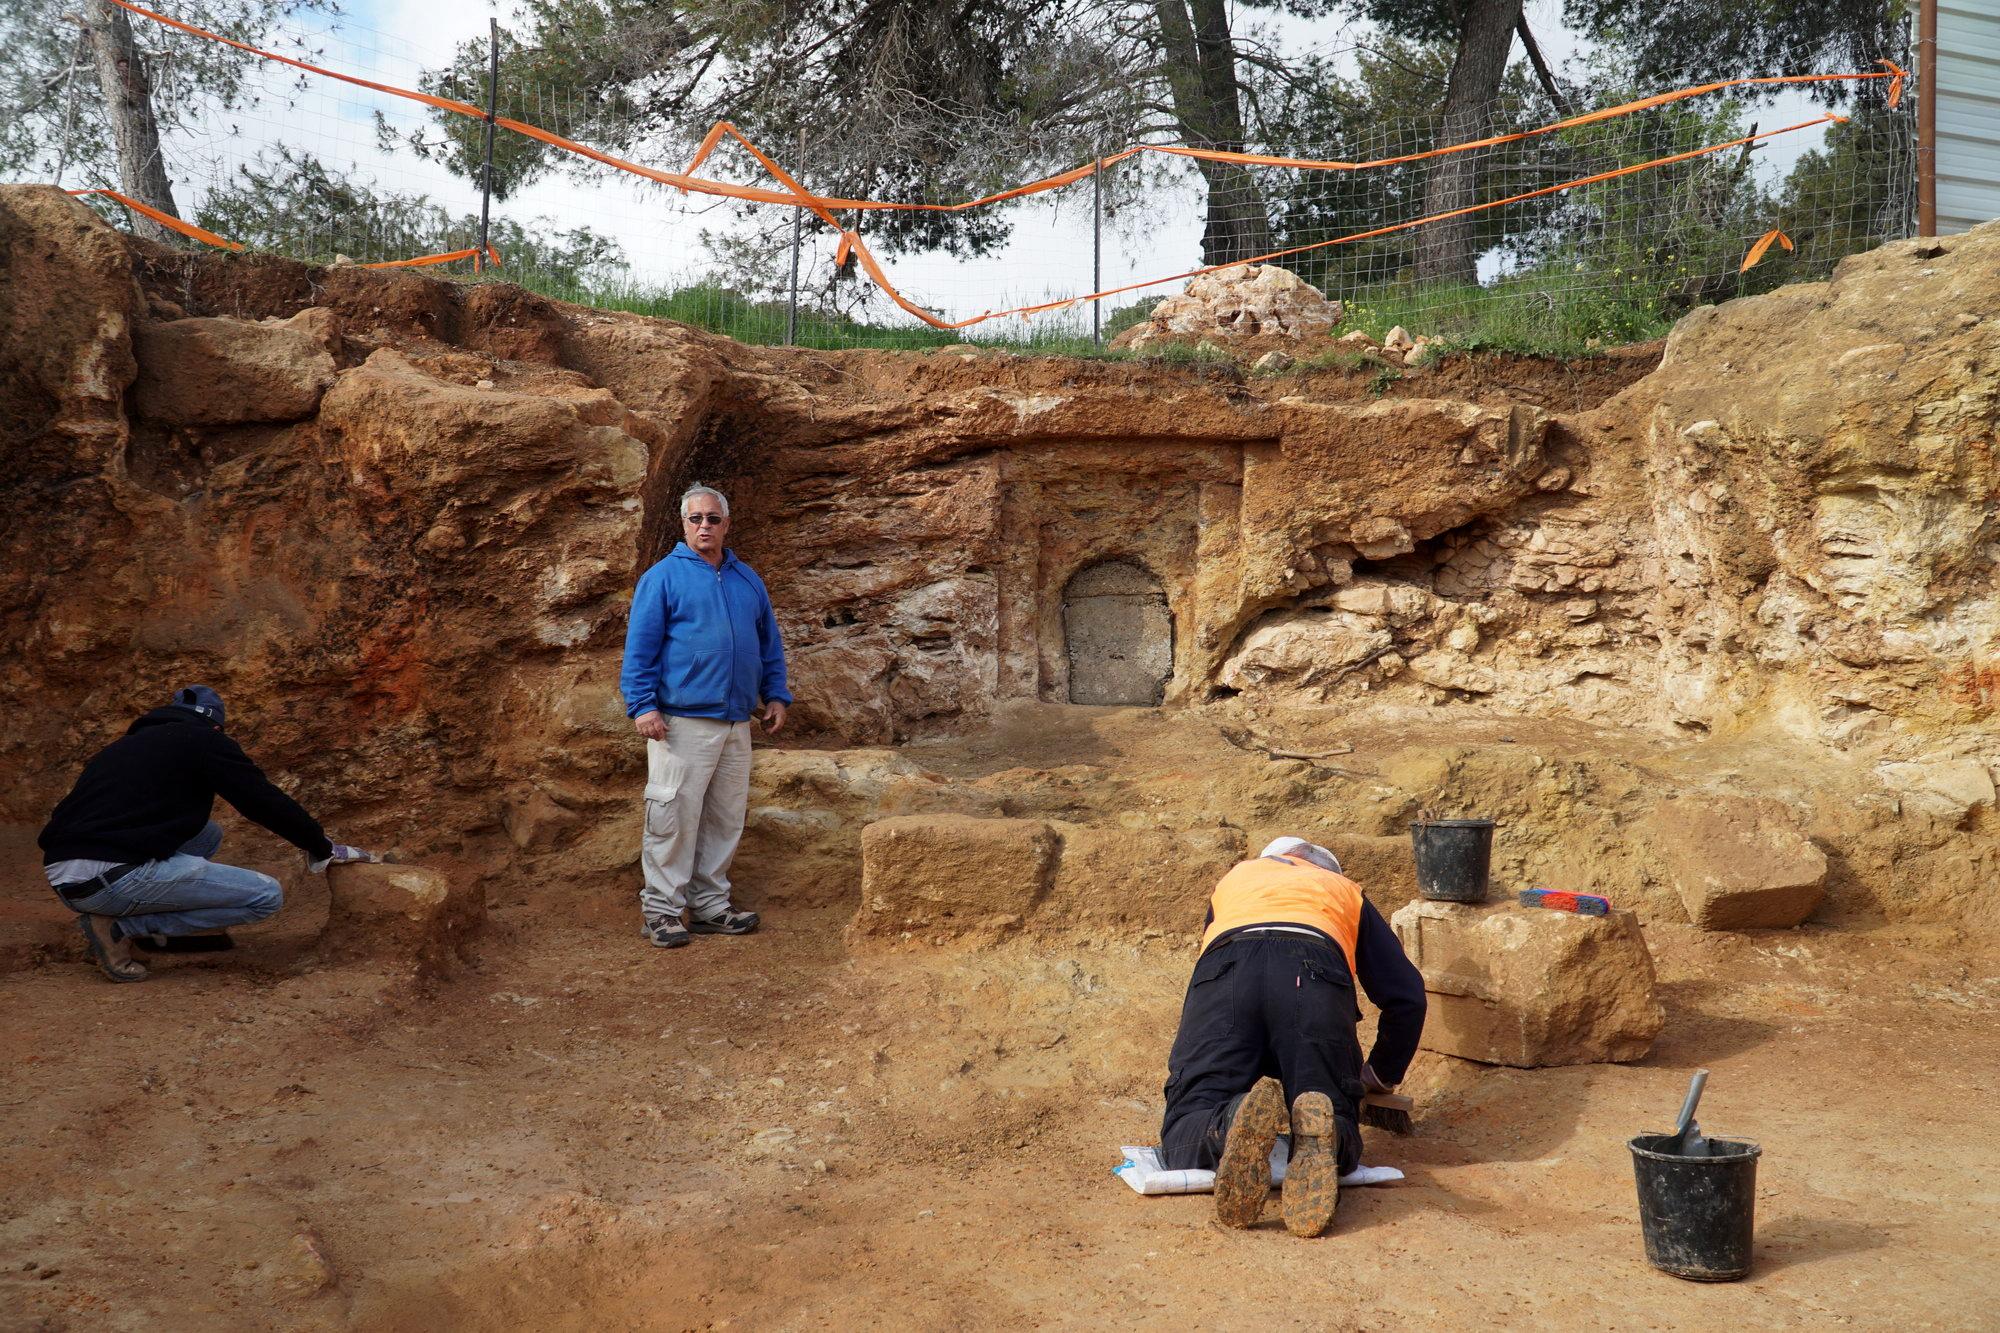 תמונות מאתר העתיקות בשראפת - צילום: רשות העתיקות